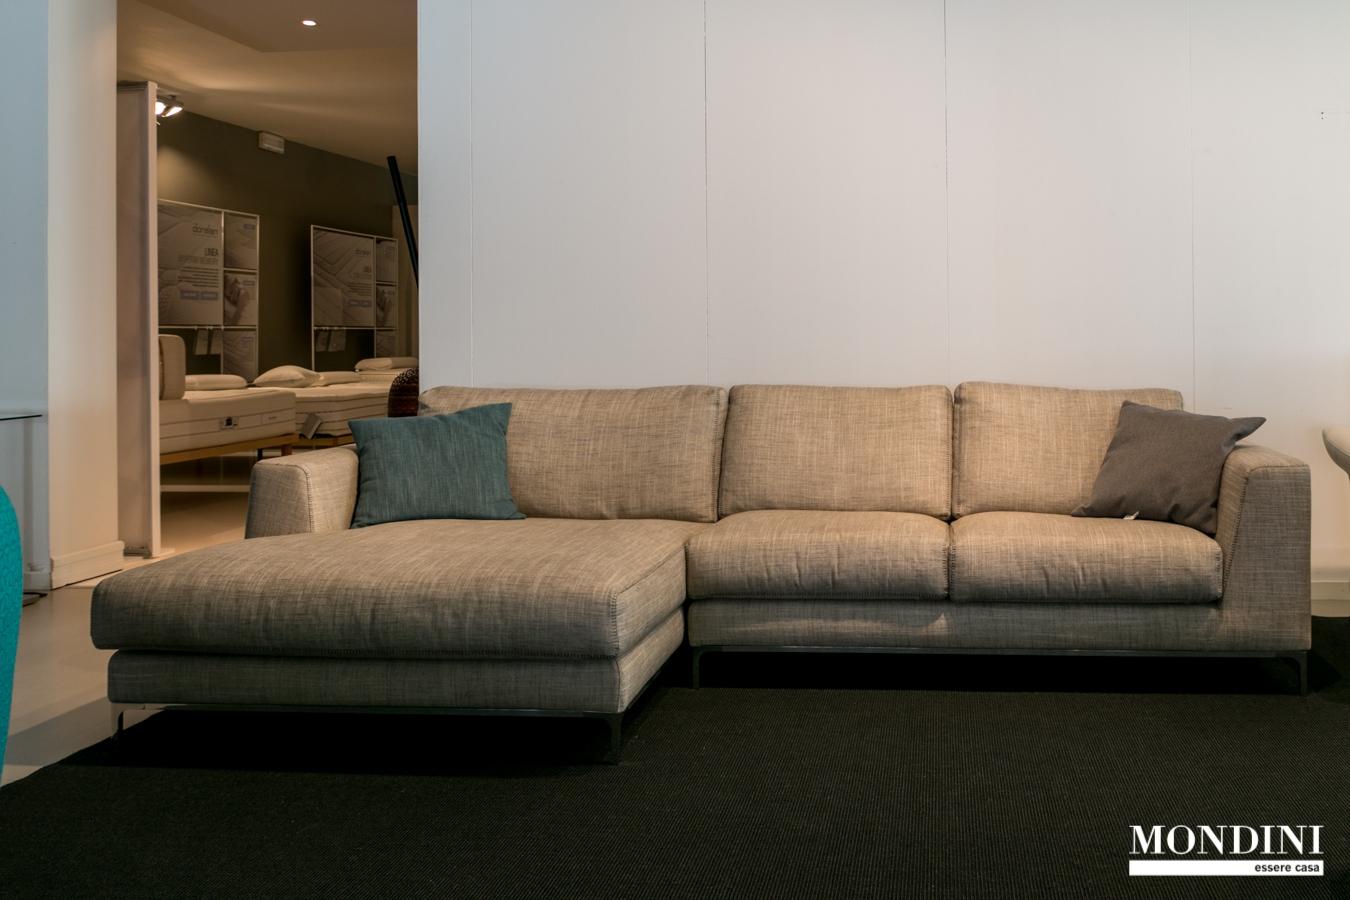 outlet divani: offerte divani online a prezzi scontati pagina ... - Angolo Divani In Copertina Nera